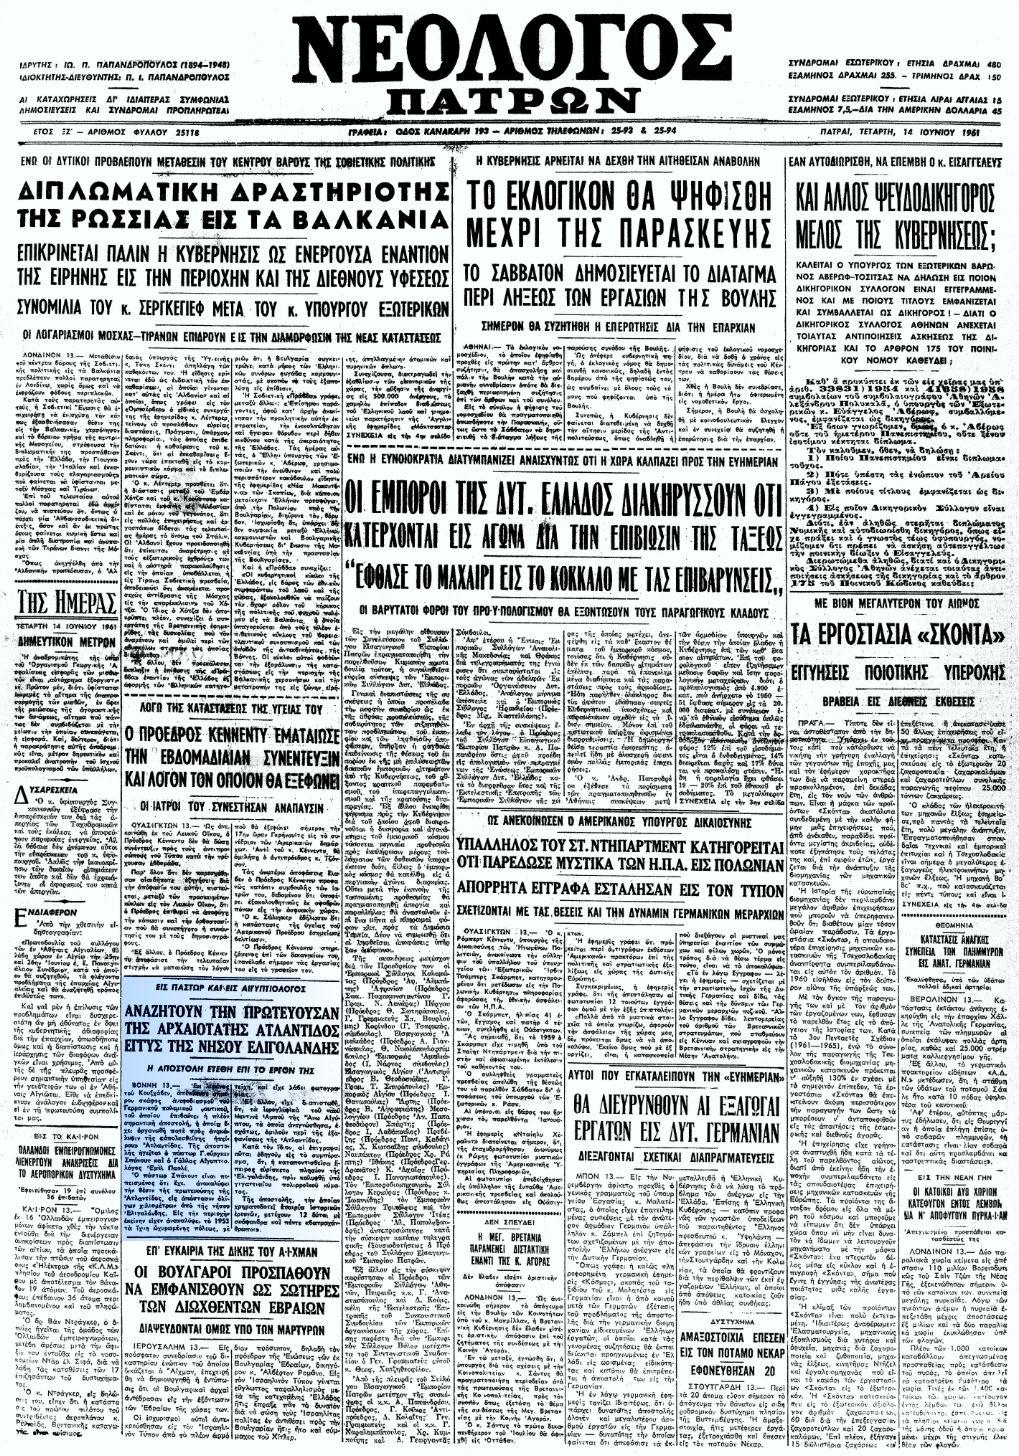 """Το άρθρο, όπως δημοσιεύθηκε στην εφημερίδα """"ΝΕΟΛΟΓΟΣ ΠΑΤΡΩΝ"""", στις 14/06/1961"""